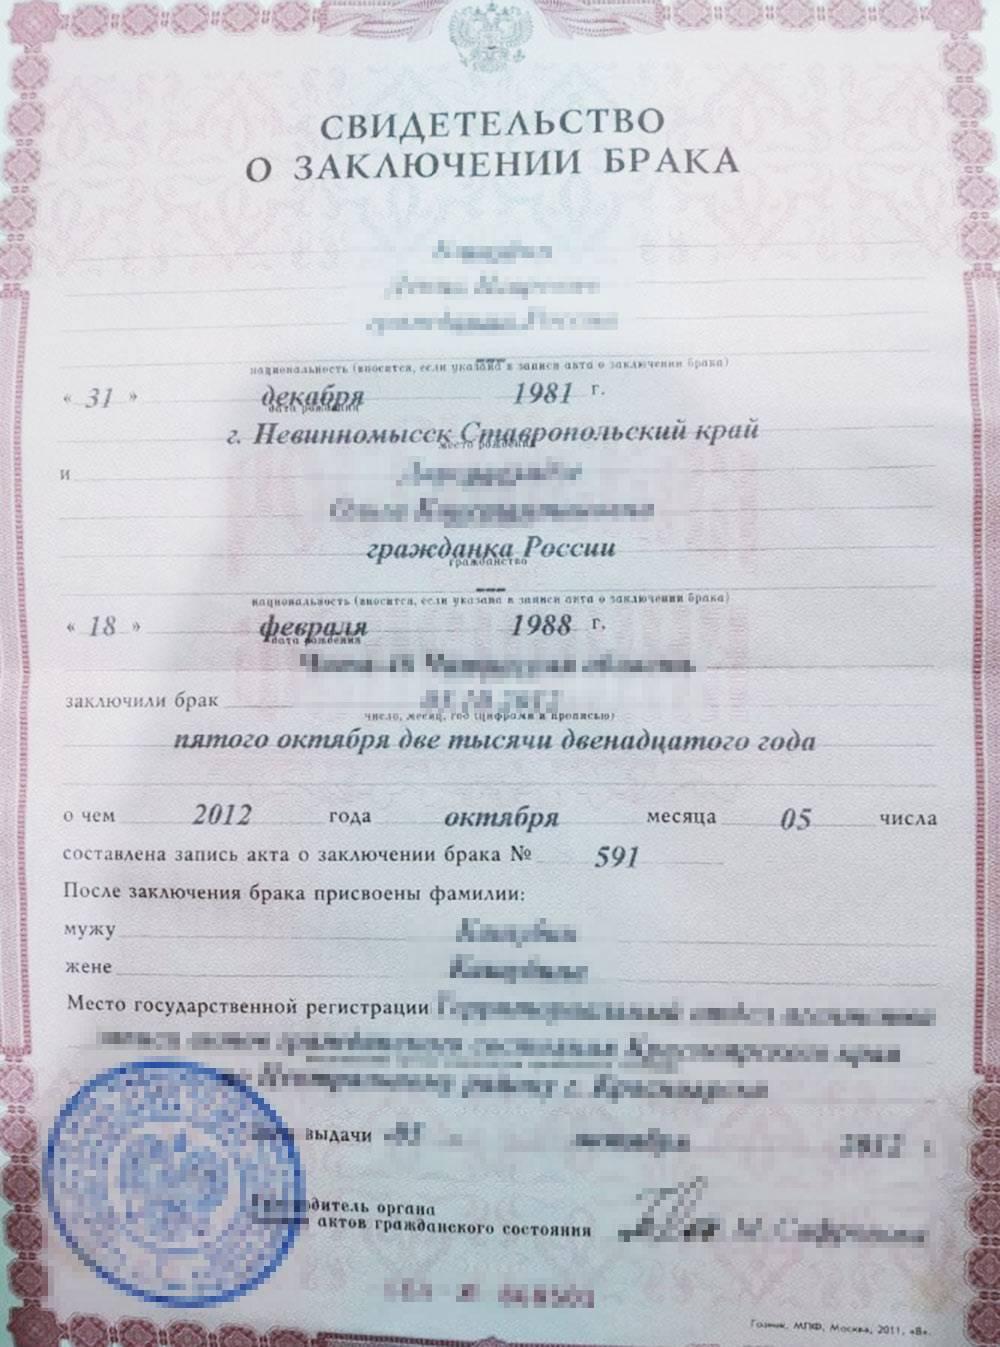 В свидетельстве о заключении брака указывают данные супругов, в том числе их добрачные фамилии, номер записи акта о заключении брака, дату и место регистрации